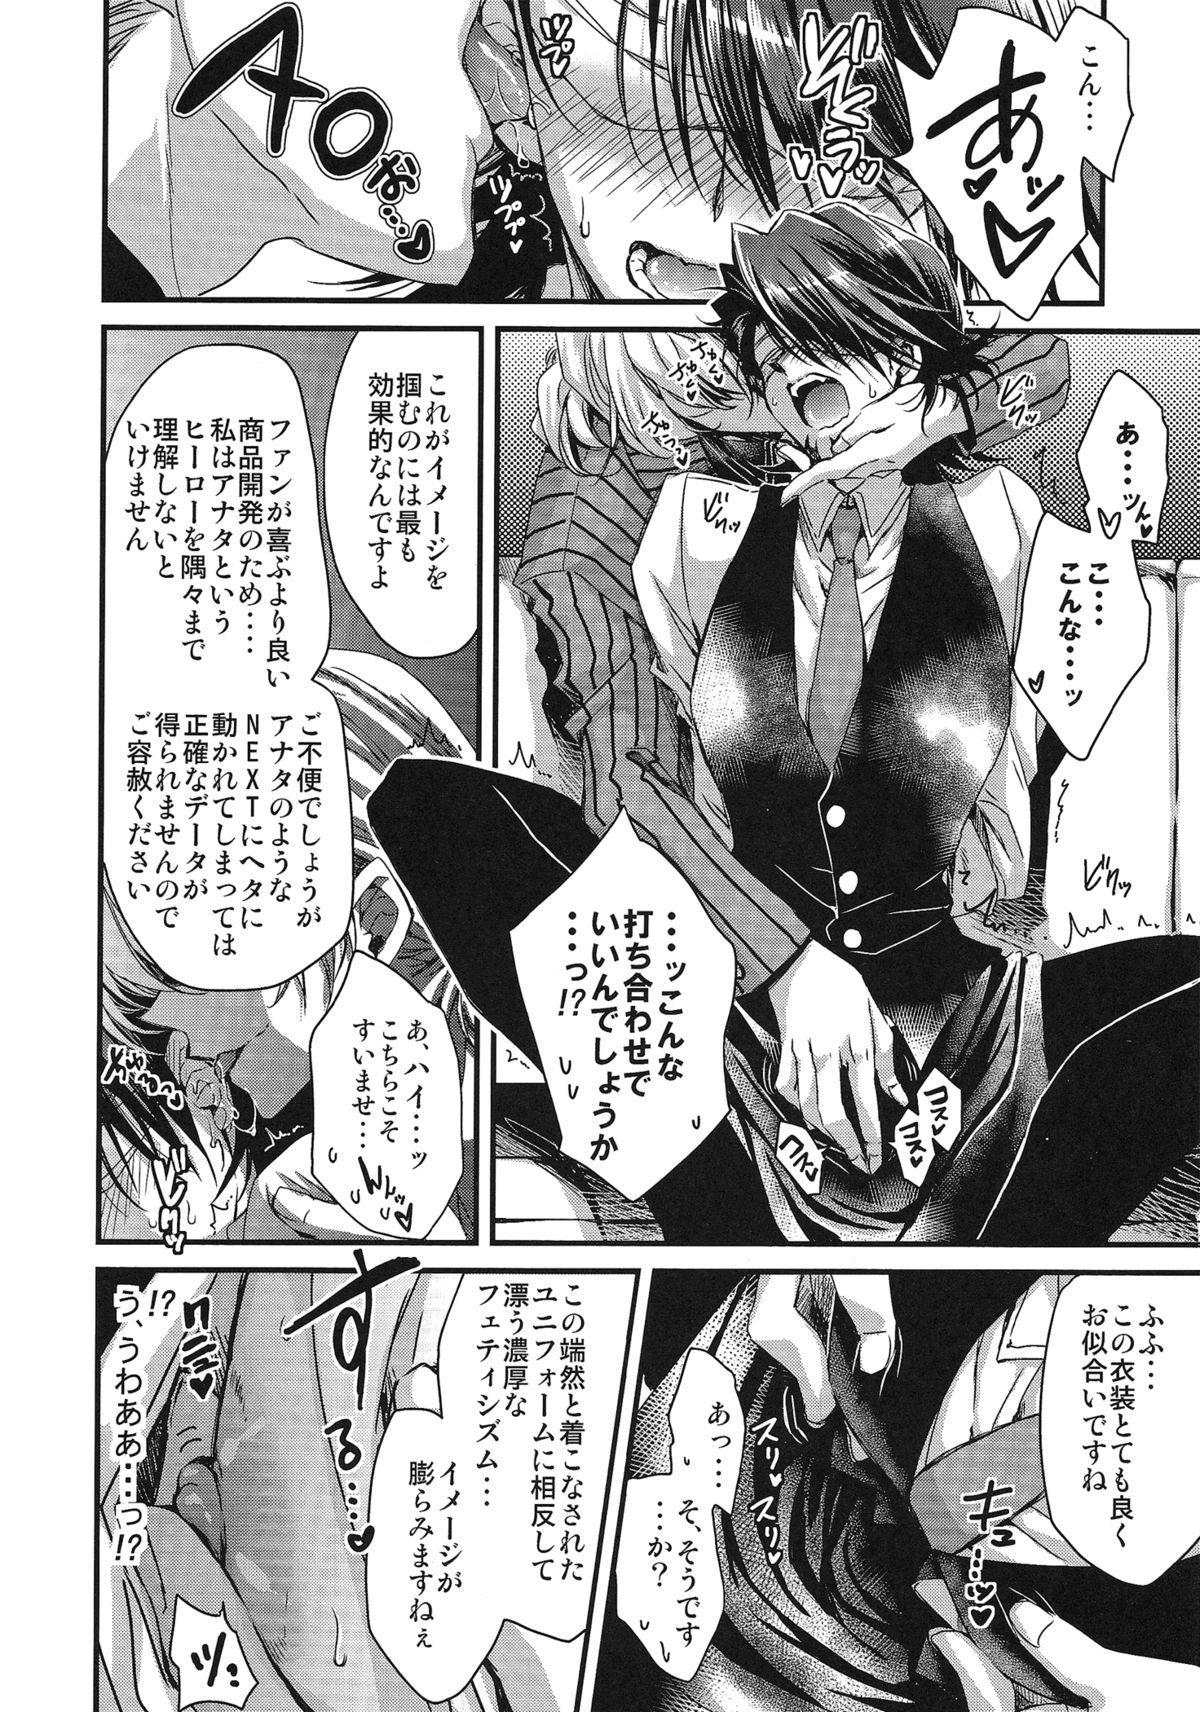 Boku to Kotetsu-san no Kote Shoku! 7